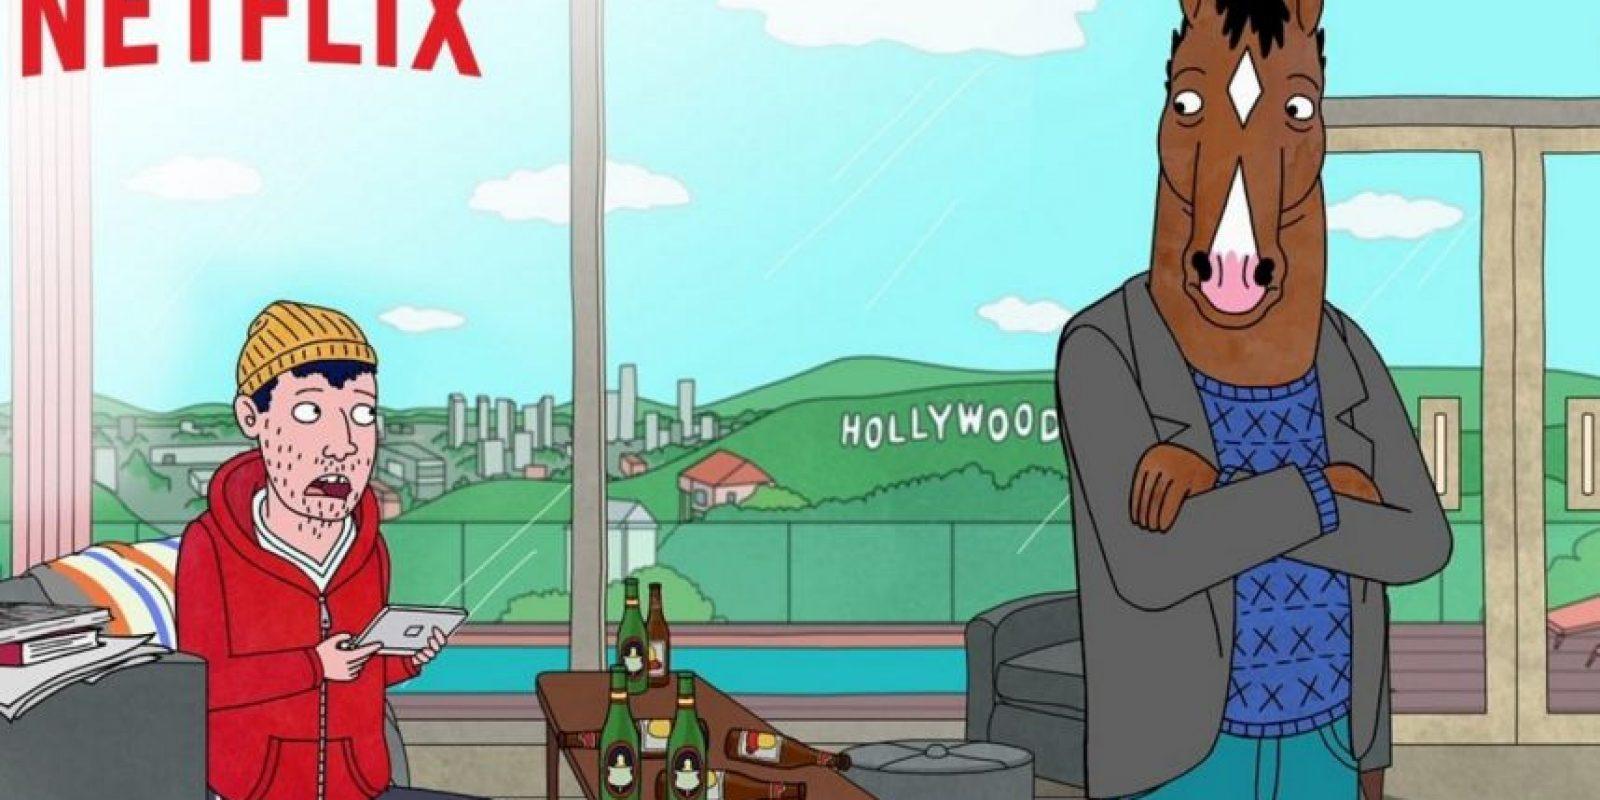 """Esta serie animada se centra en la vida de """"BoJack Horseman"""", una exestrella del sitcom de 1990 cuya carrera está terminada, pero que planea su regreso como celebridad mientras lidia con las exigencias de su agente y su expareja. Foto:Netflix"""